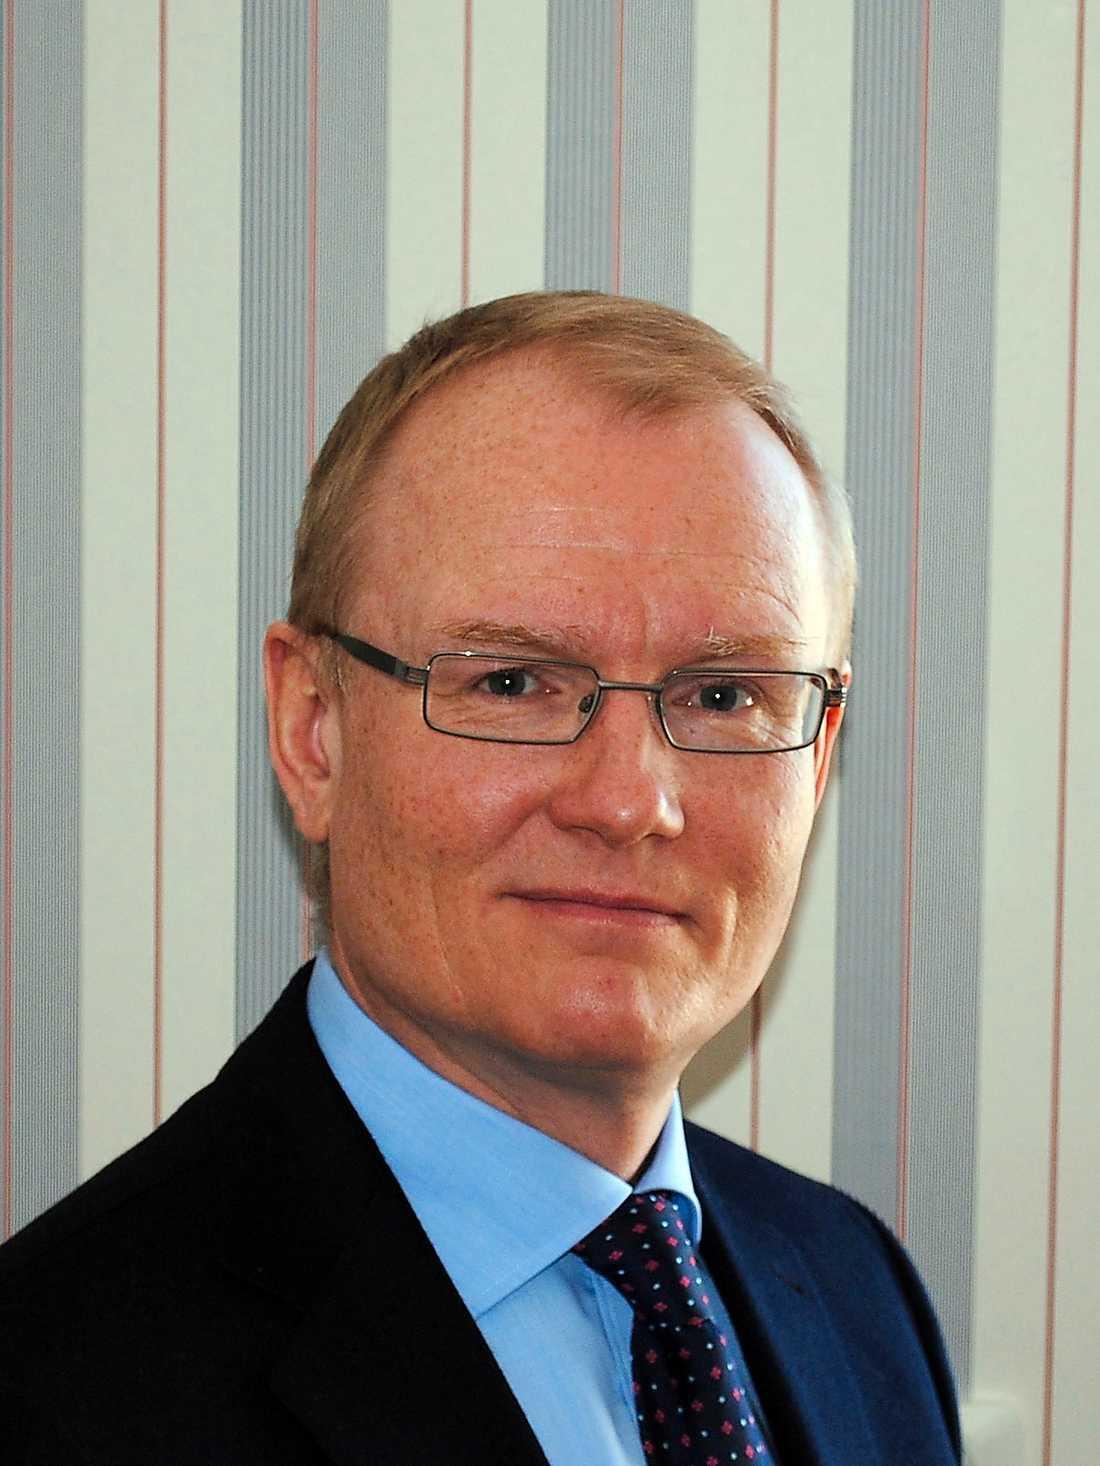 SOS Alarms vd Johan Hedensiö beklagar.